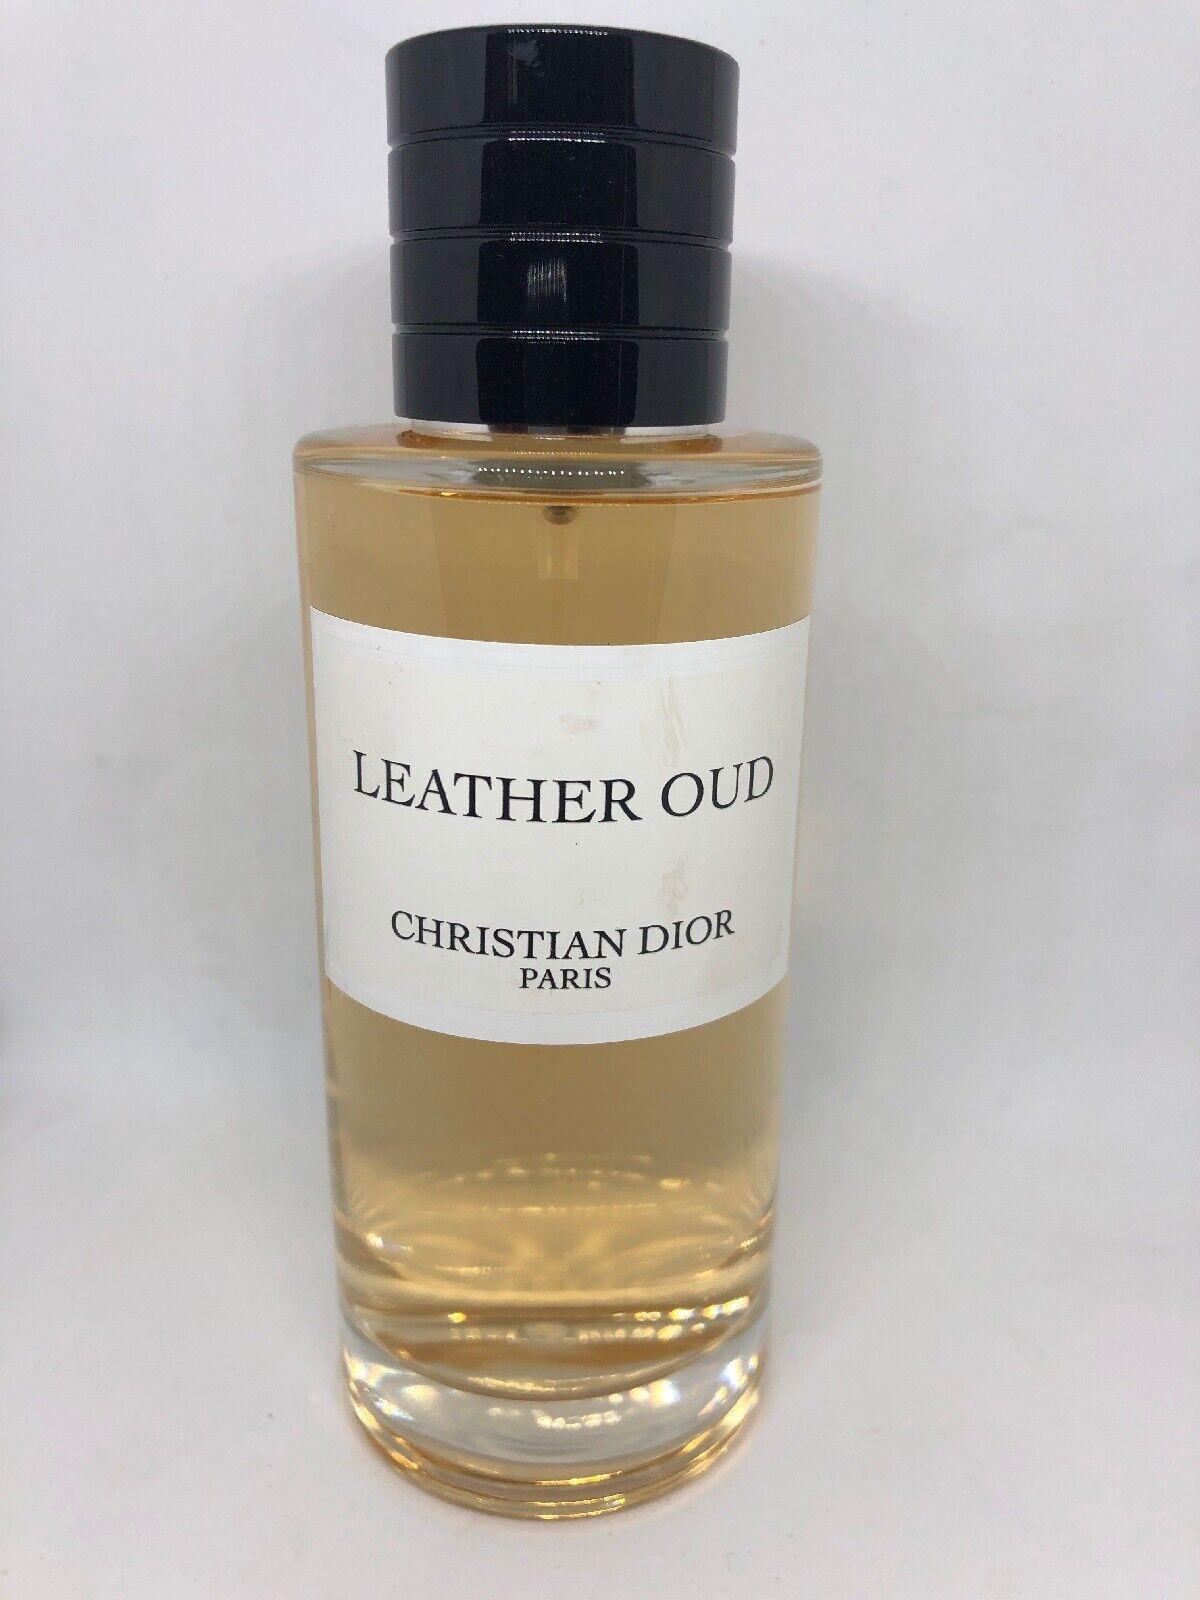 Gris Montaigne Christian Dior leather oudchristian dior eau de parfum 125ml/4.2oz - new - no box